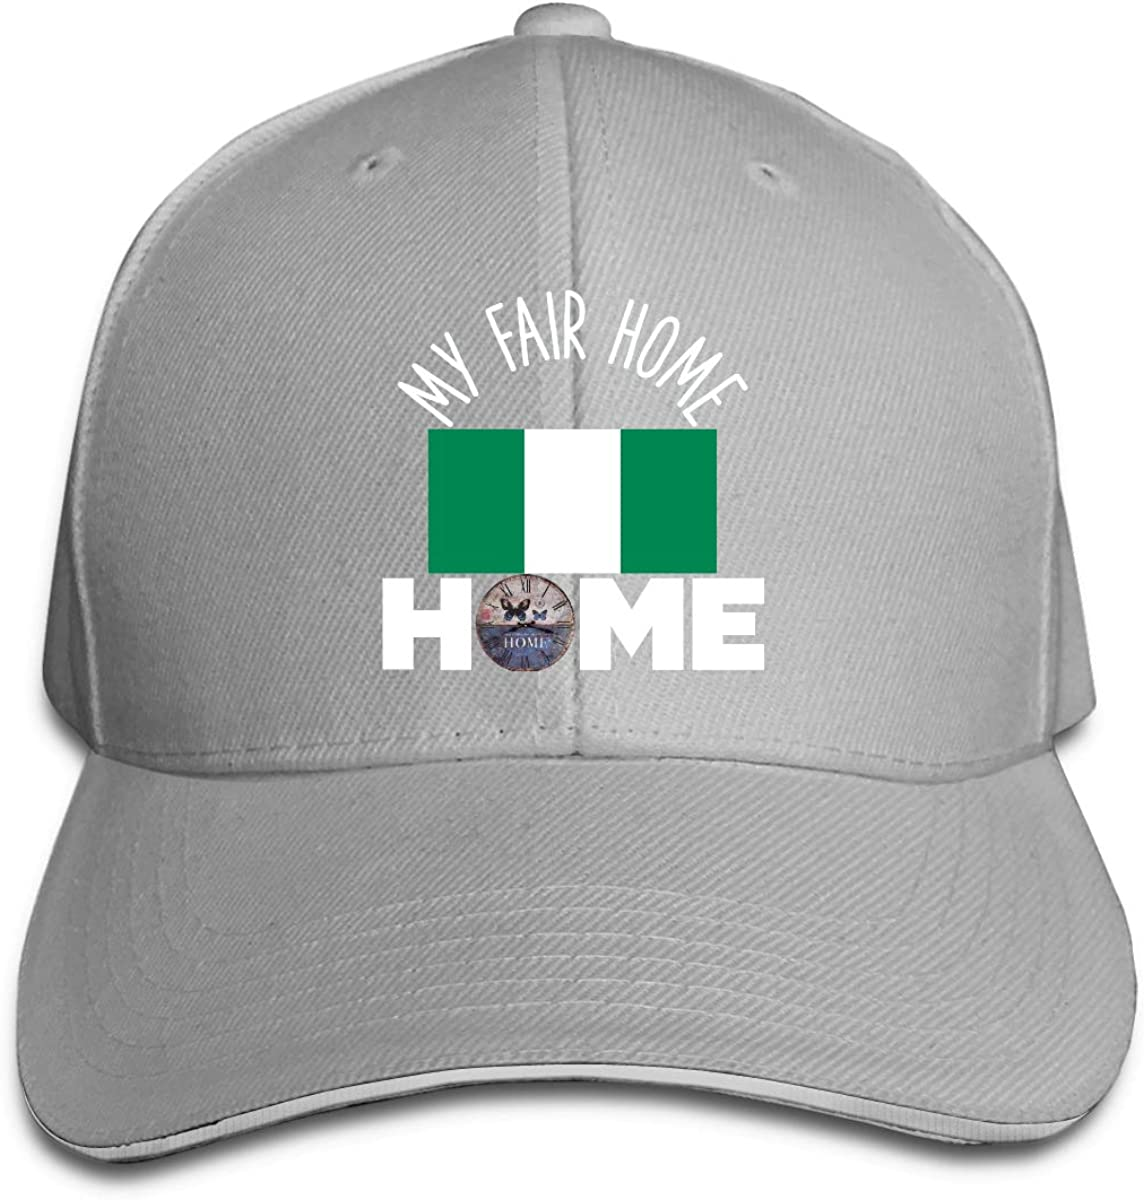 Flag of Nigeria My Fair Home Hat Baseball Cap Duck Tongue Cap Sunhat Fashion Cap